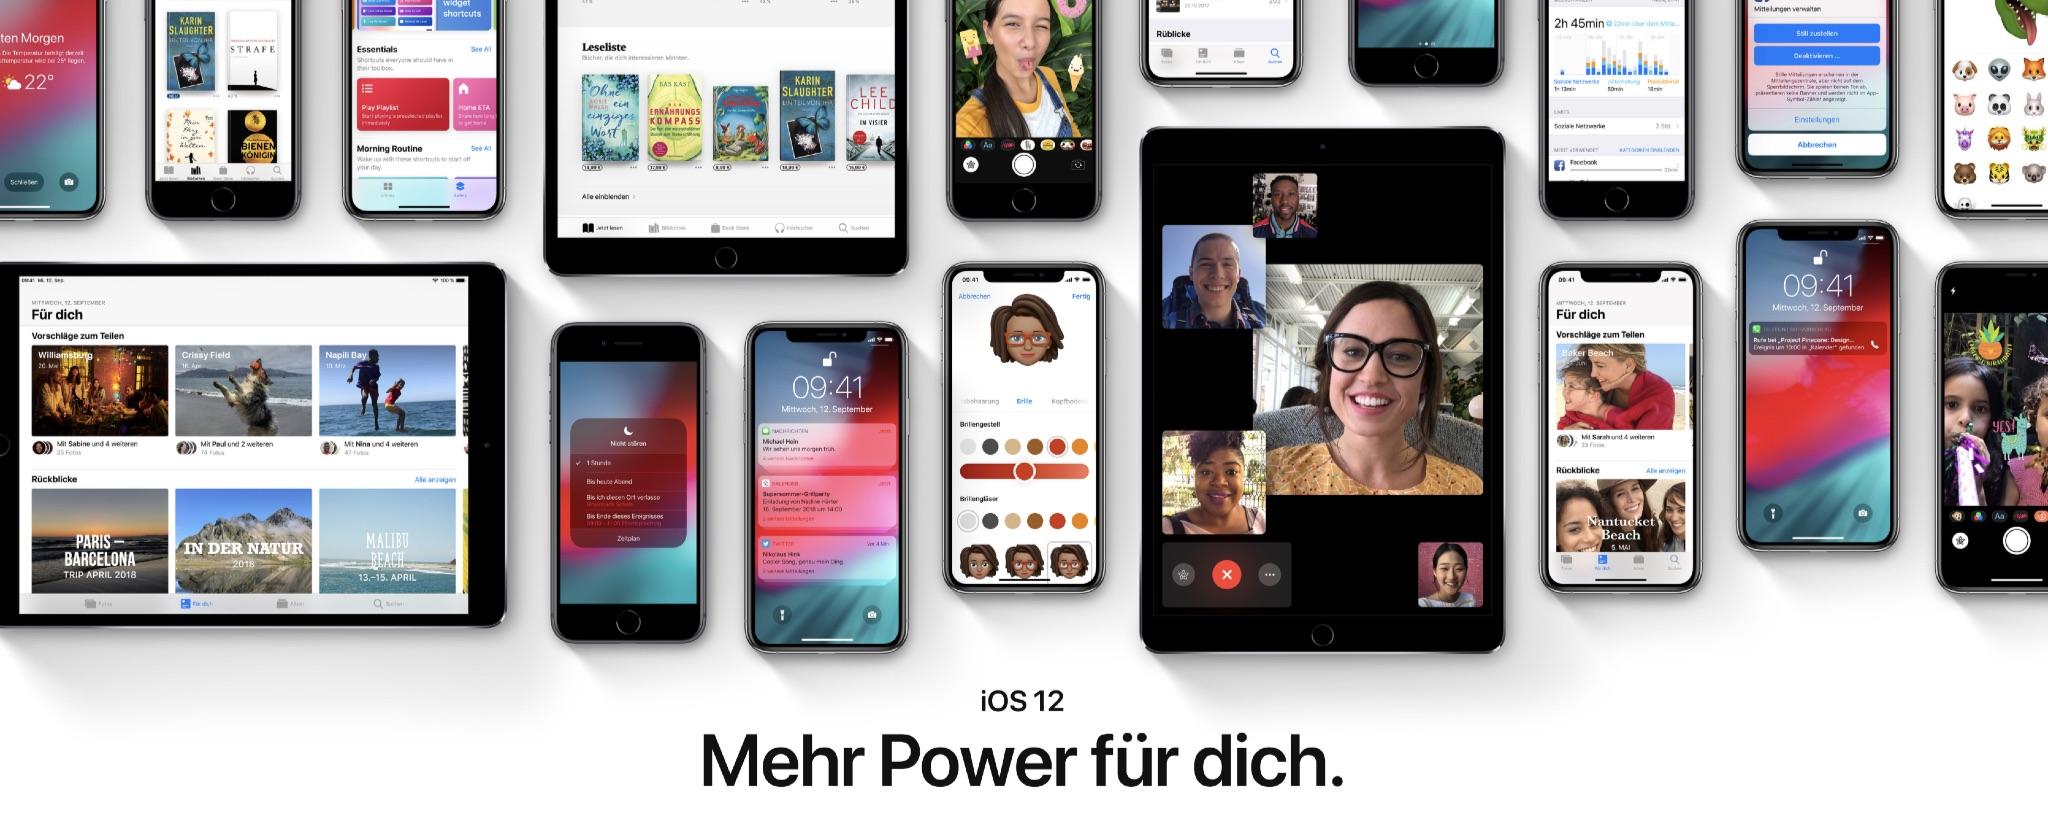 iOS 12.4.7 für ältere Geräte veröffentlicht › Macerkopf